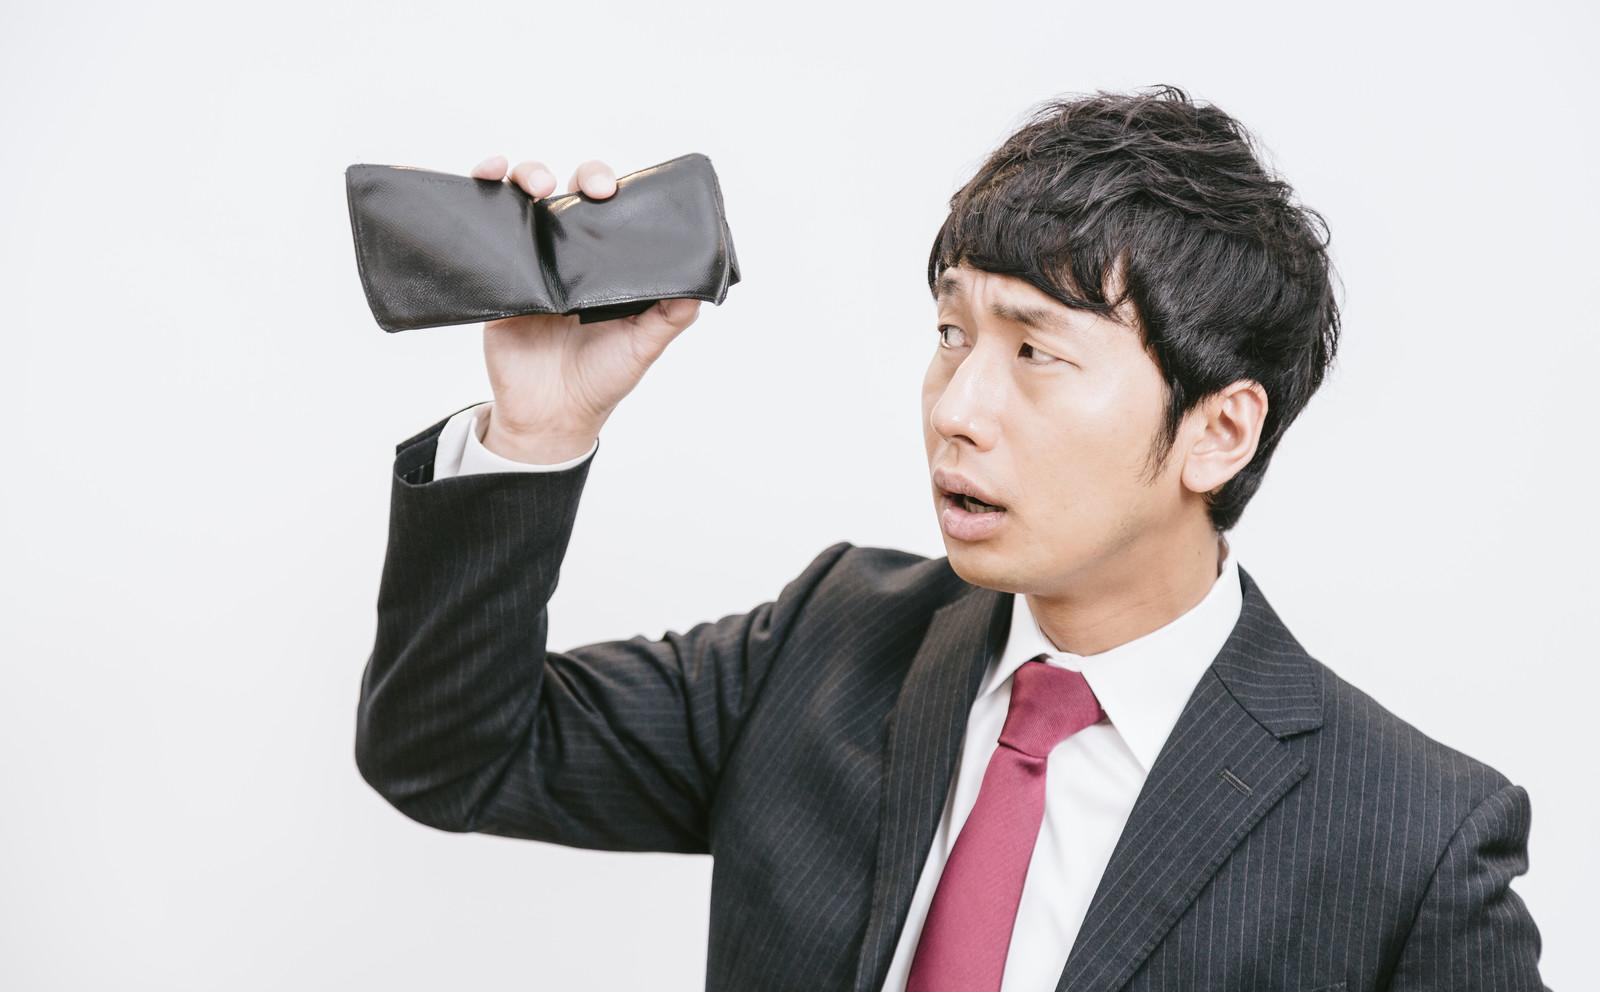 石田純一 開店 沖縄 冷麺 どこ 場所 口コミ 評判 画像